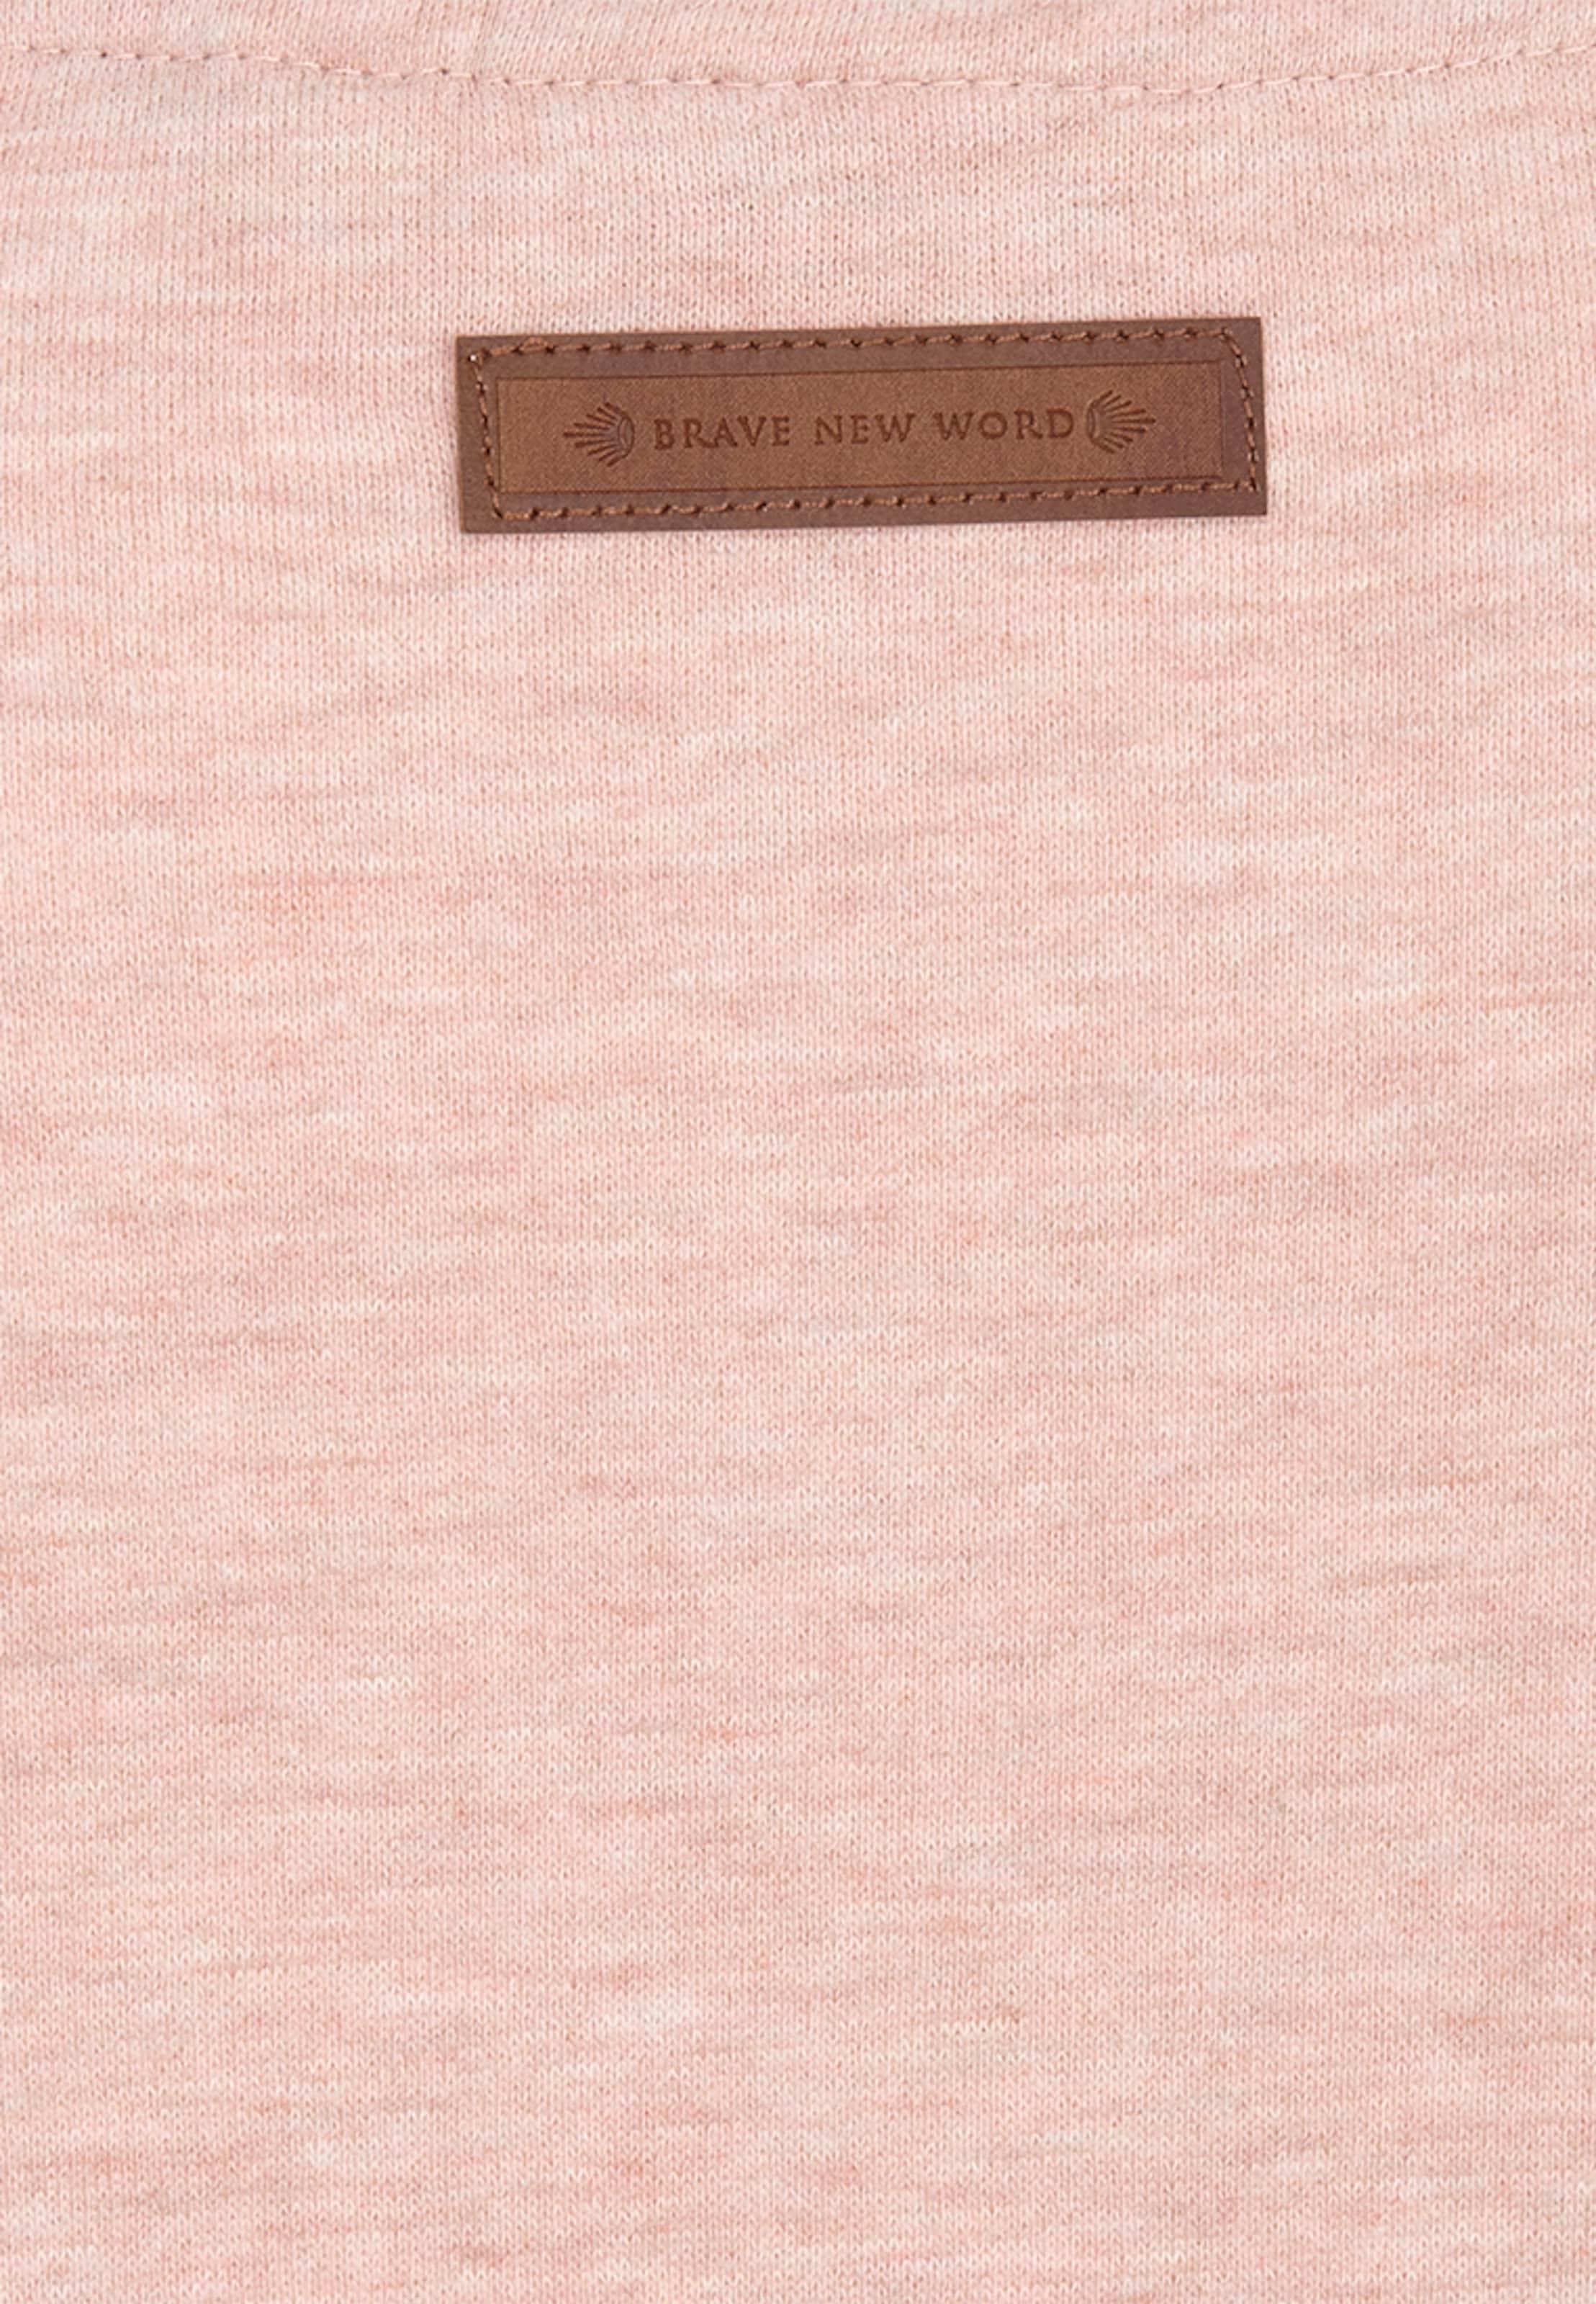 Für Günstig Online Billige Ebay naketano Female Sweatshirt 2 Stunden Sikis Sport Niedrig Kosten Günstig Online Billig Verkaufen Pick Eine Beste 9VCoVcy